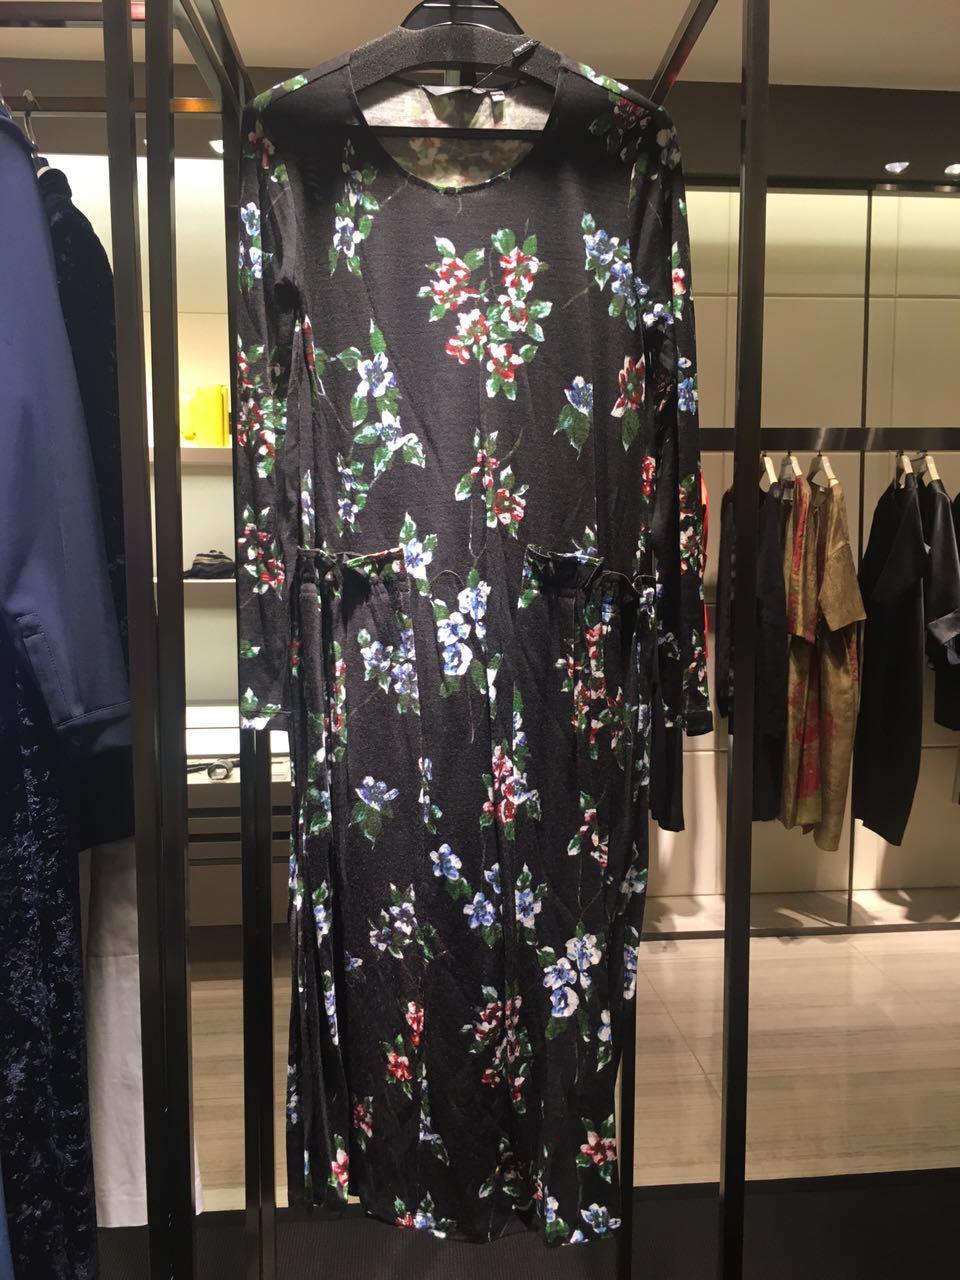 玛丝菲尔代购 Marisfrolg玛丝菲尔正品代购2016冬款连衣裙A1GA44476_推荐淘宝好看的玛丝菲尔代购